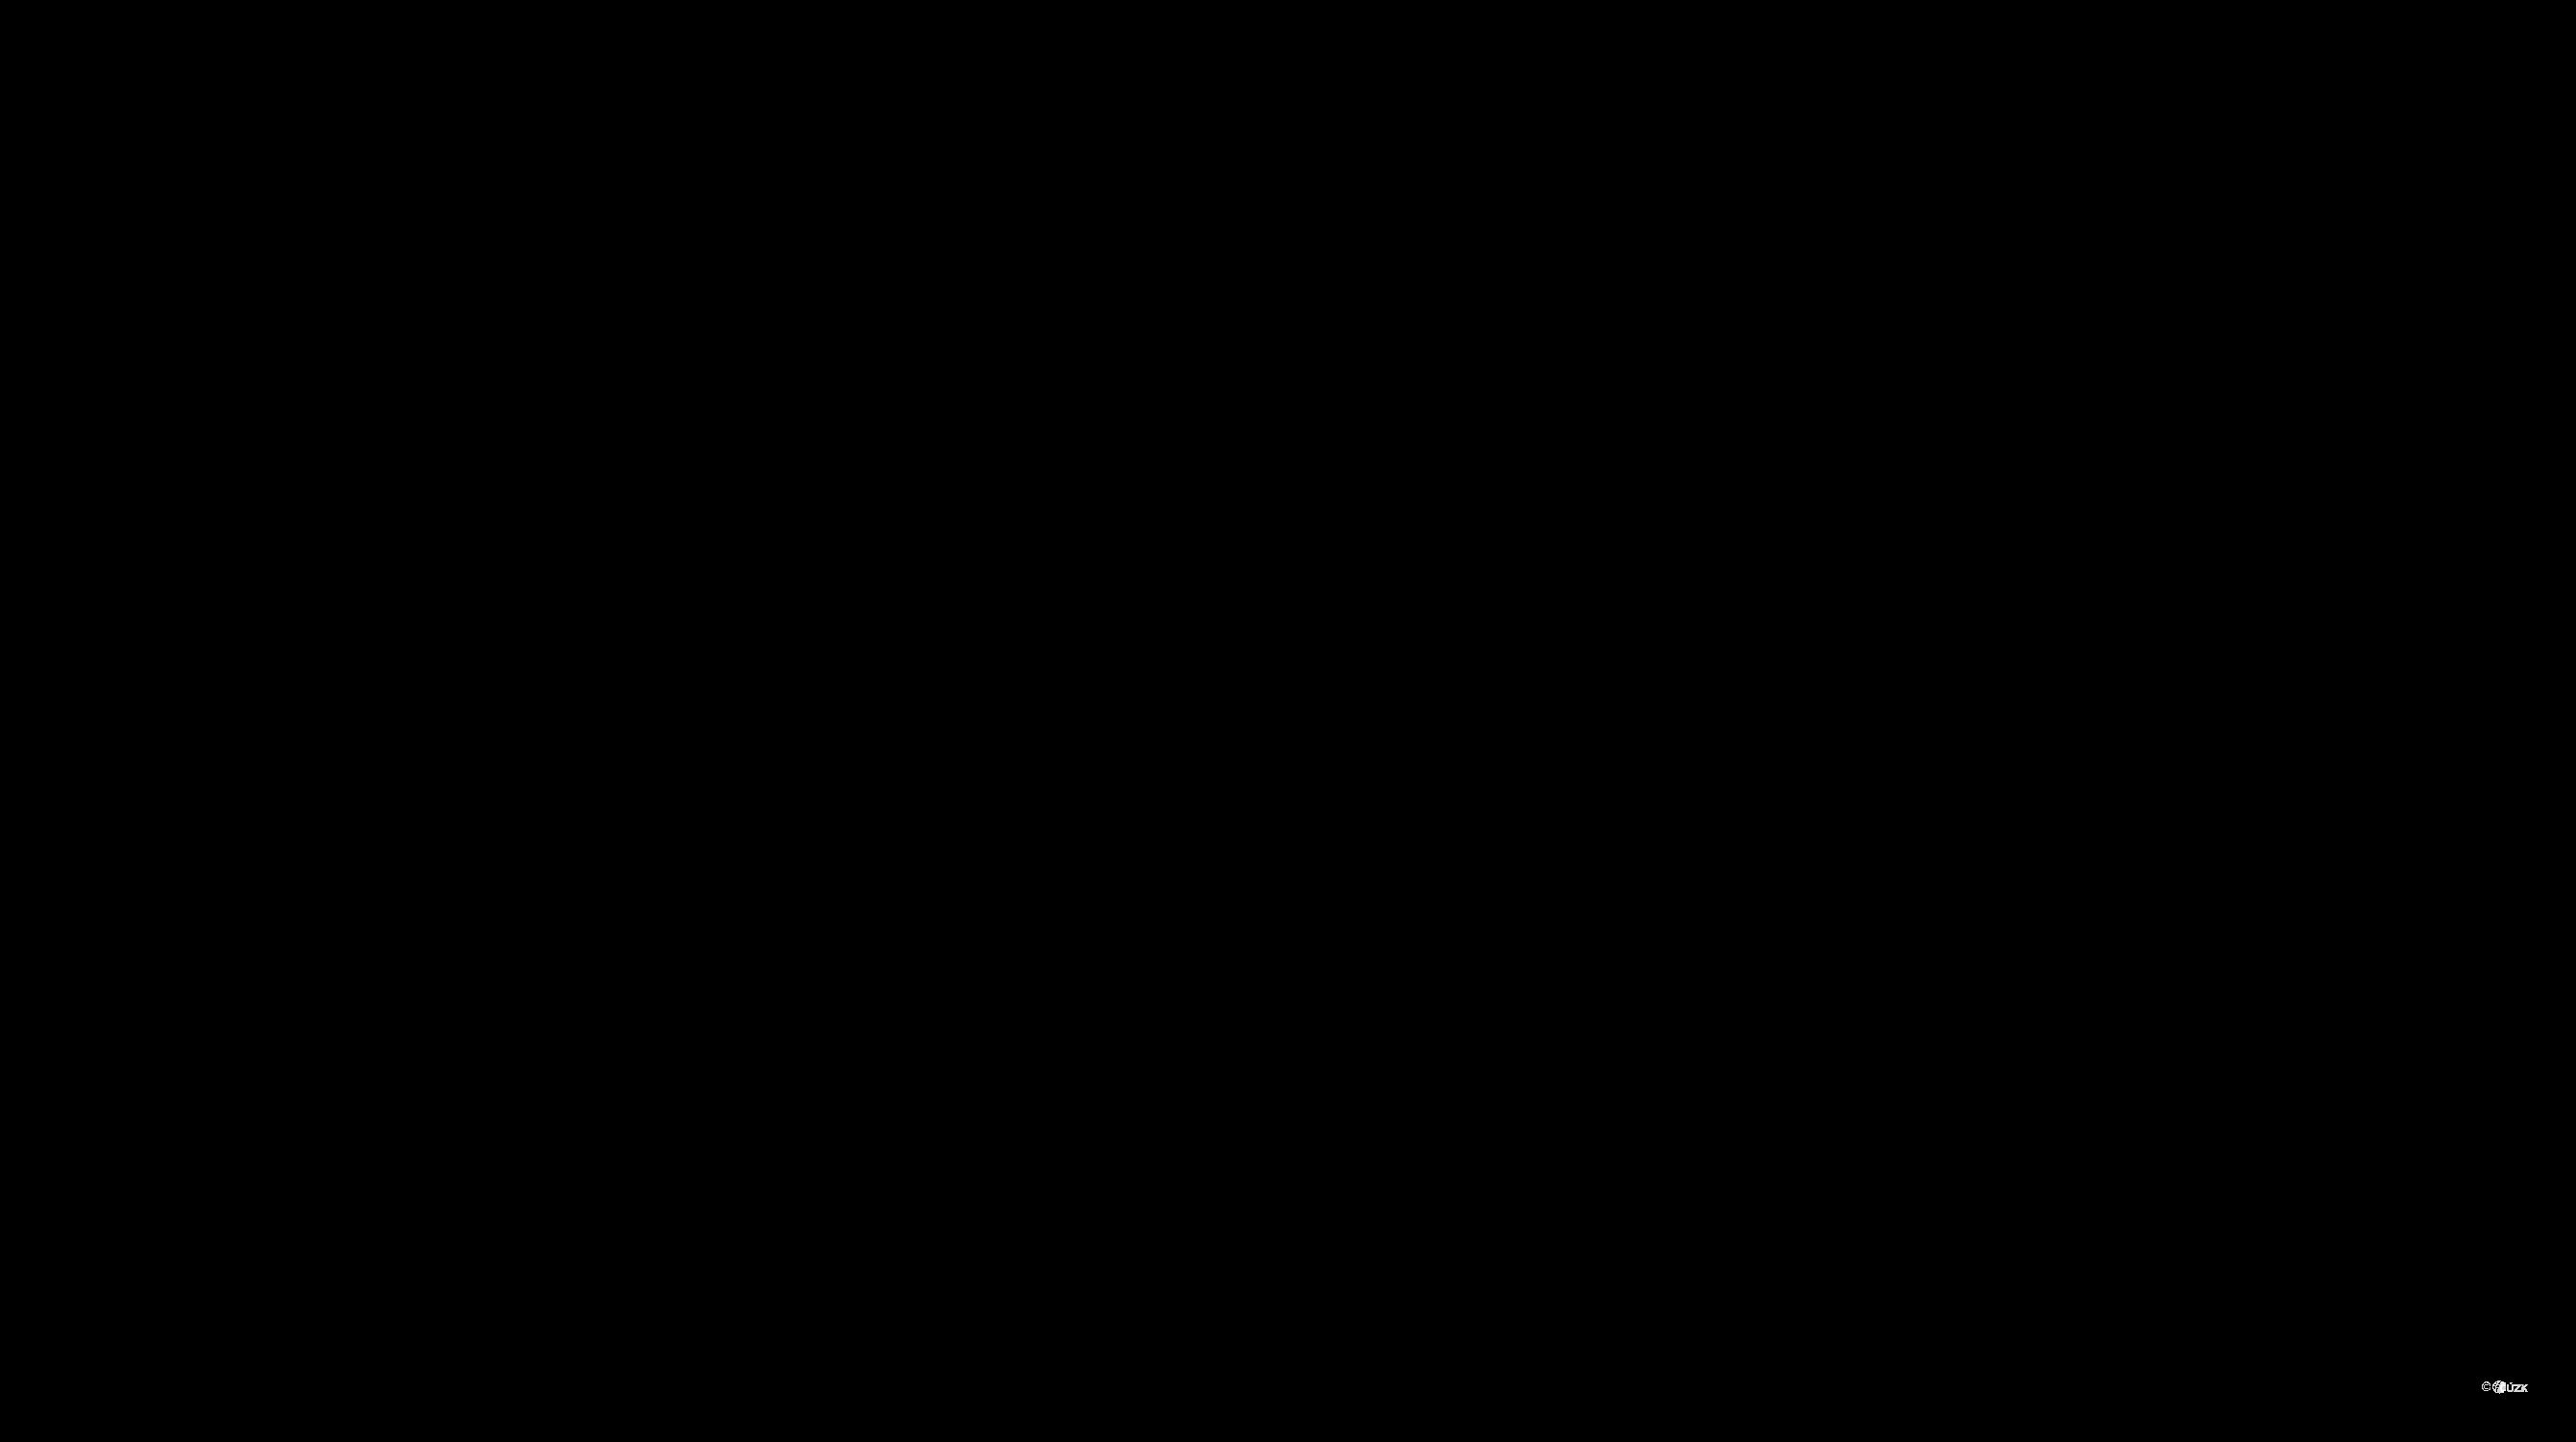 Katastrální mapa pozemků a čísla parcel Židenice